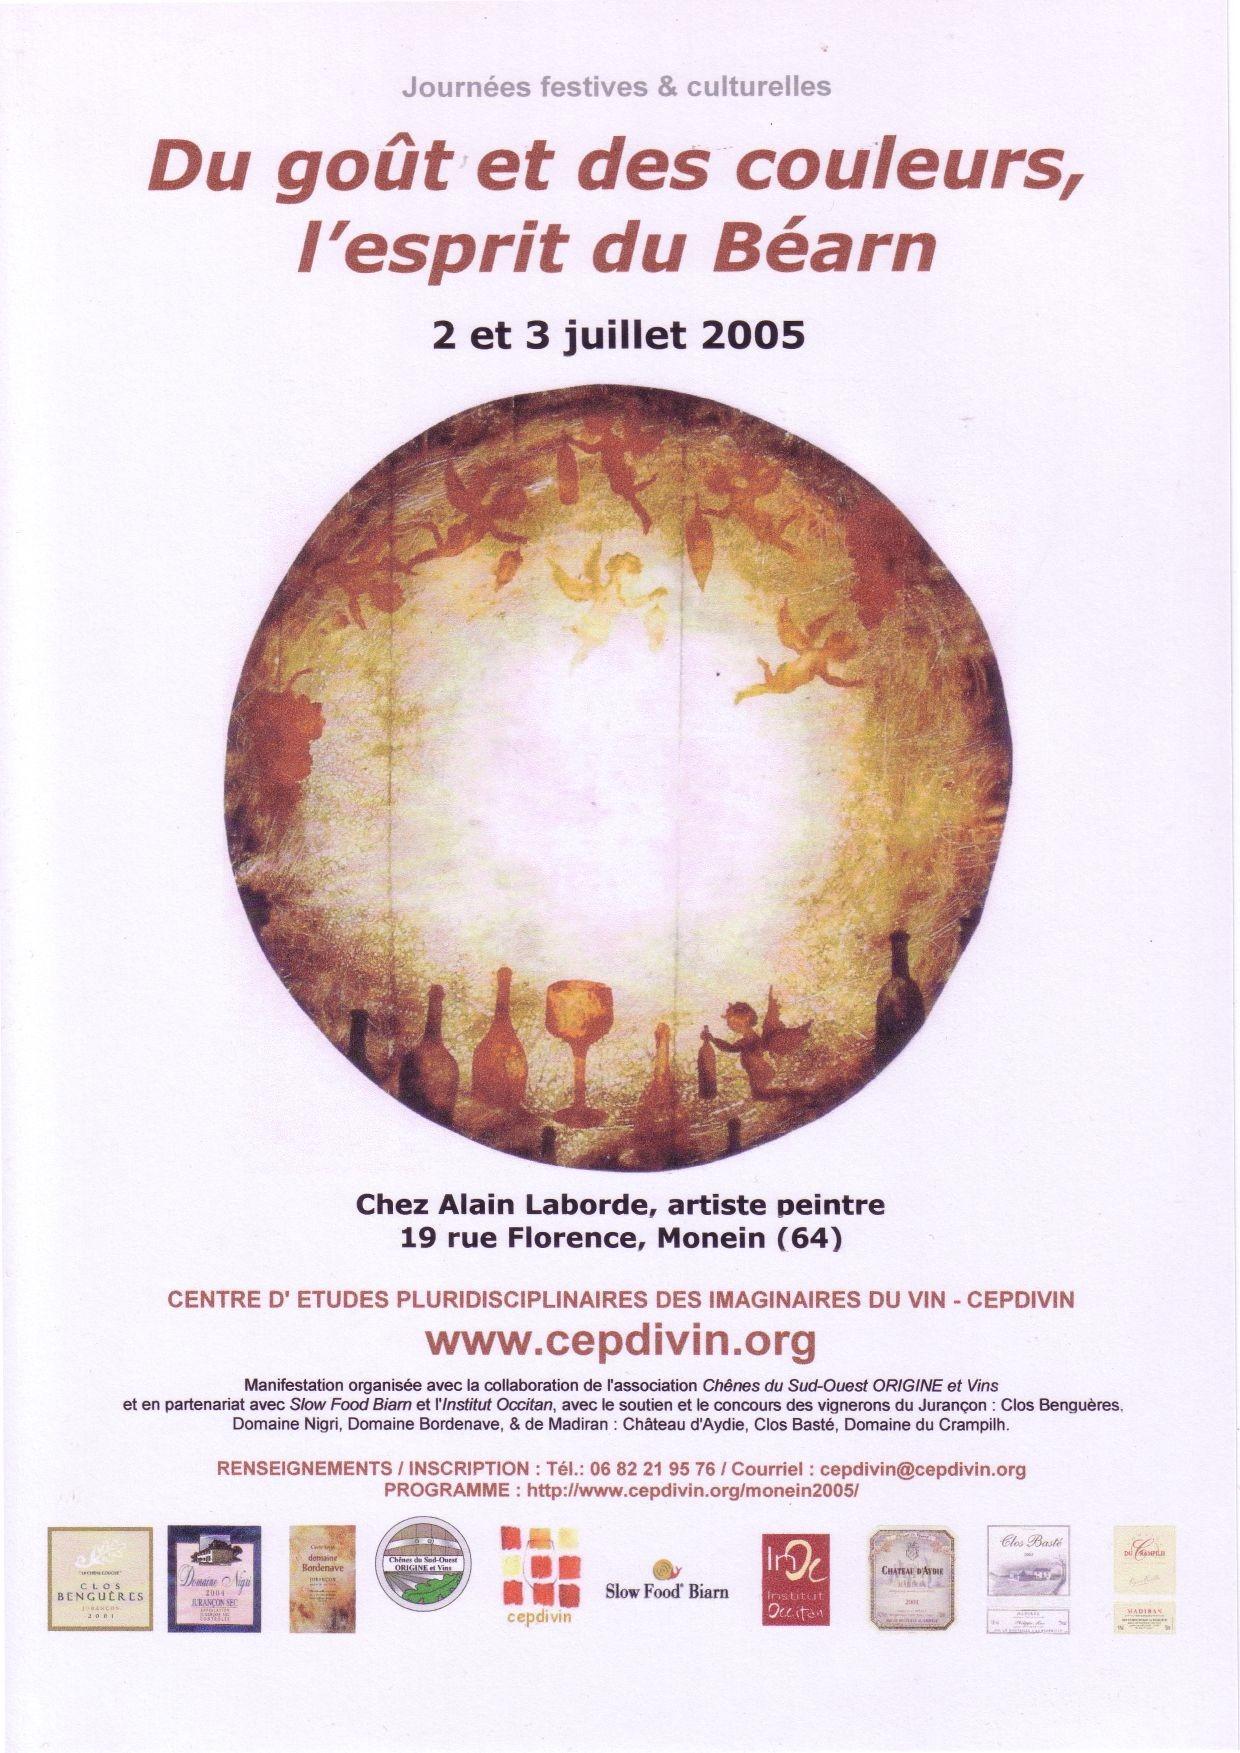 Du goût et des couleurs, l'esprit du Béarn, juillet 2005.